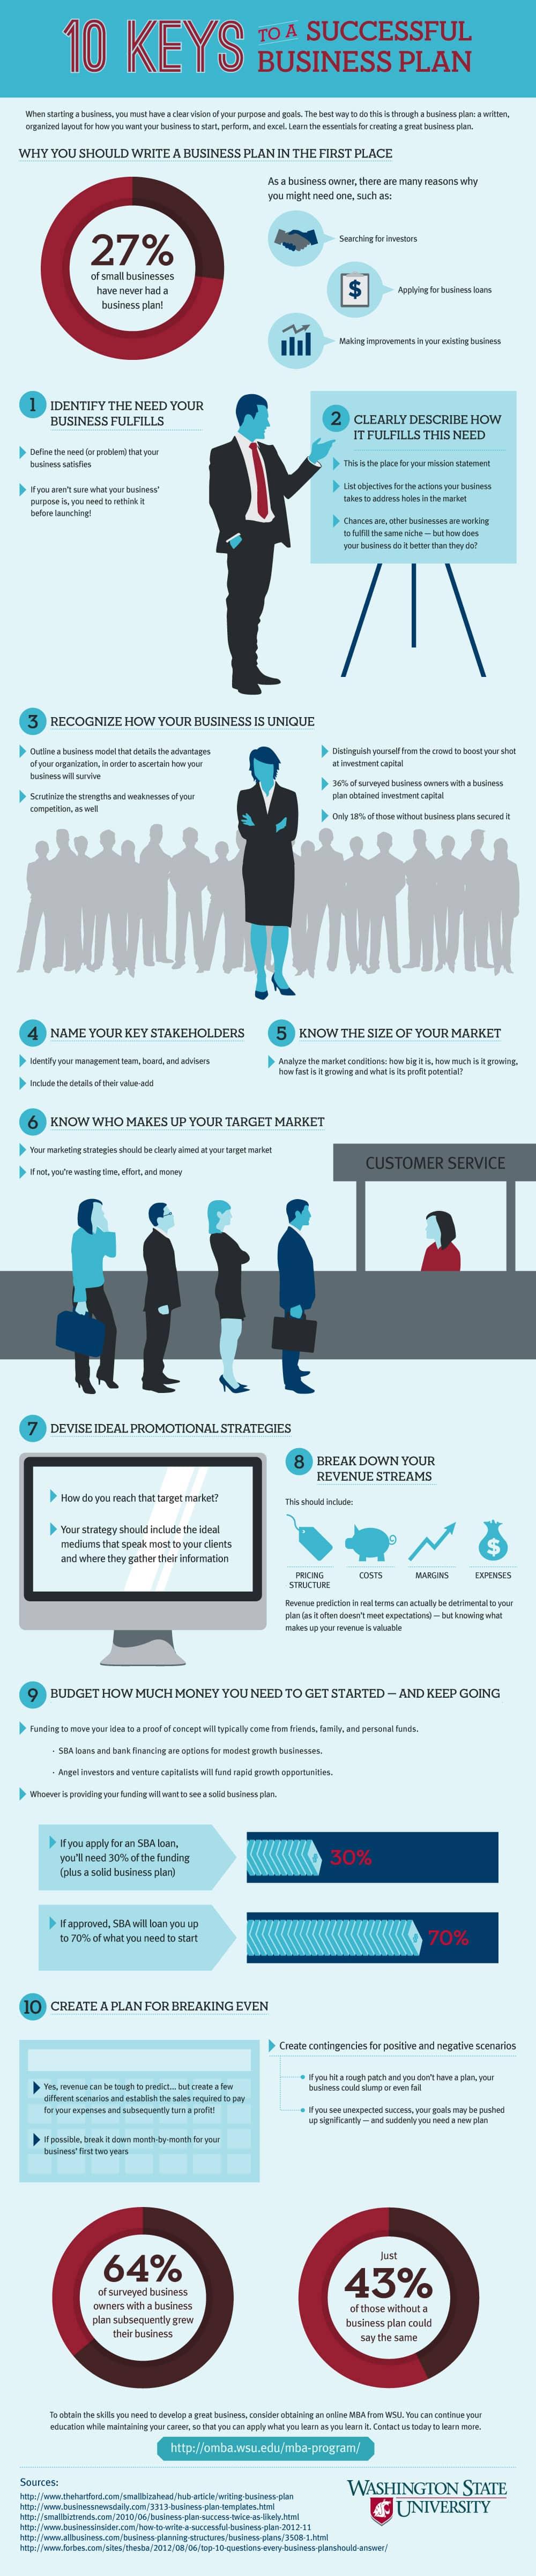 Cei 10 pasi pentru un plan de afaceri de succes!